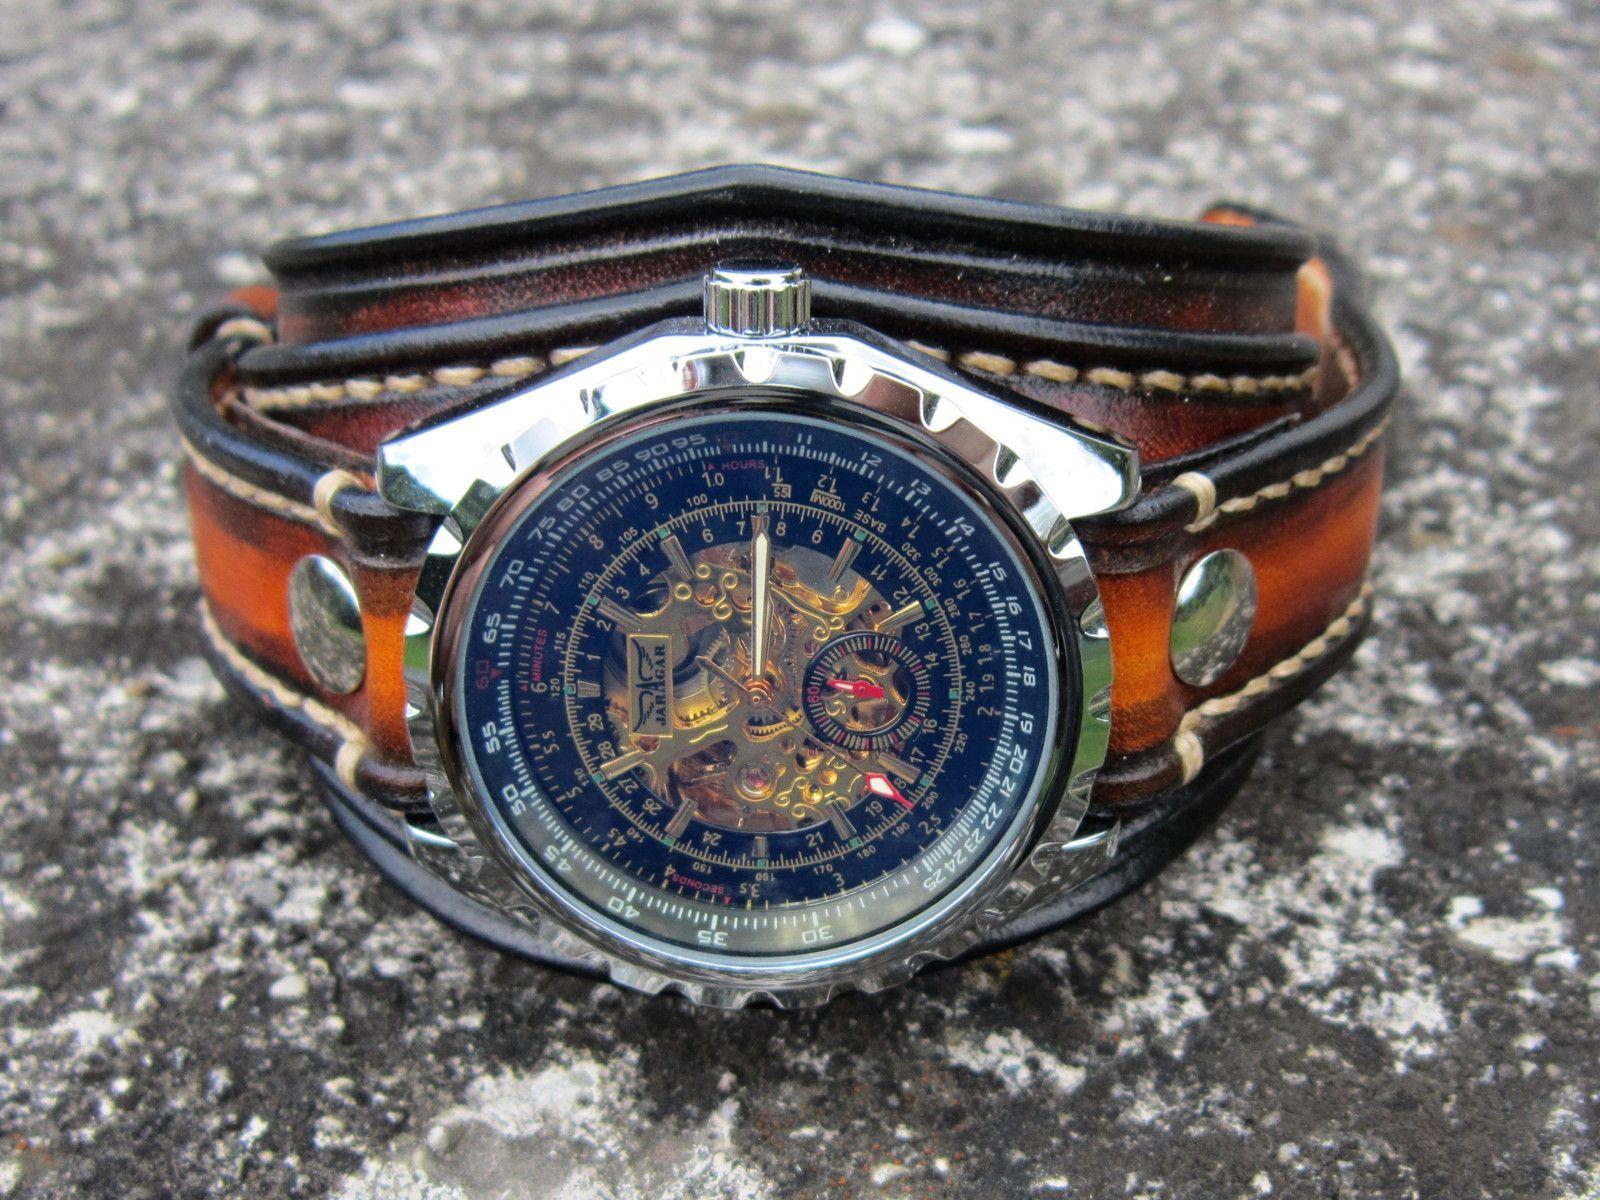 Štýlové+pánske+kožené+hodinky+hnedé+Náramok+je+vyrobený +z+pravej+ ... 96175afd66c